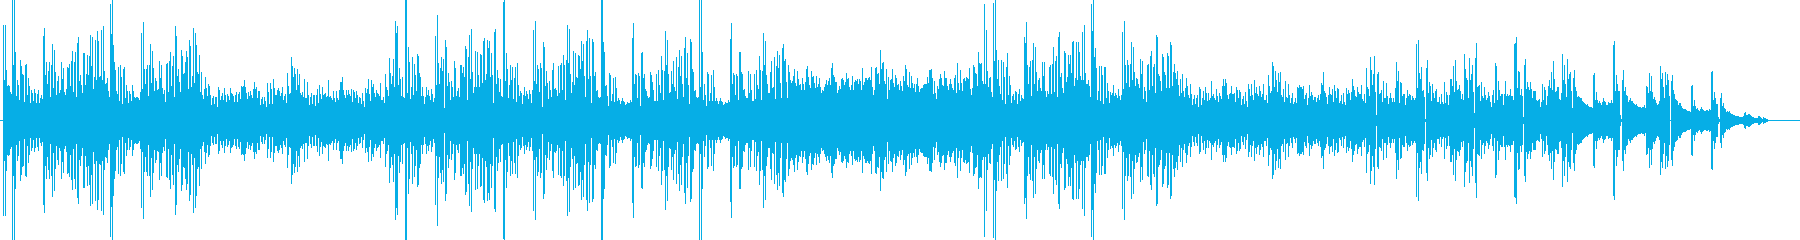 ヒーリングHiphopの再生済みの波形